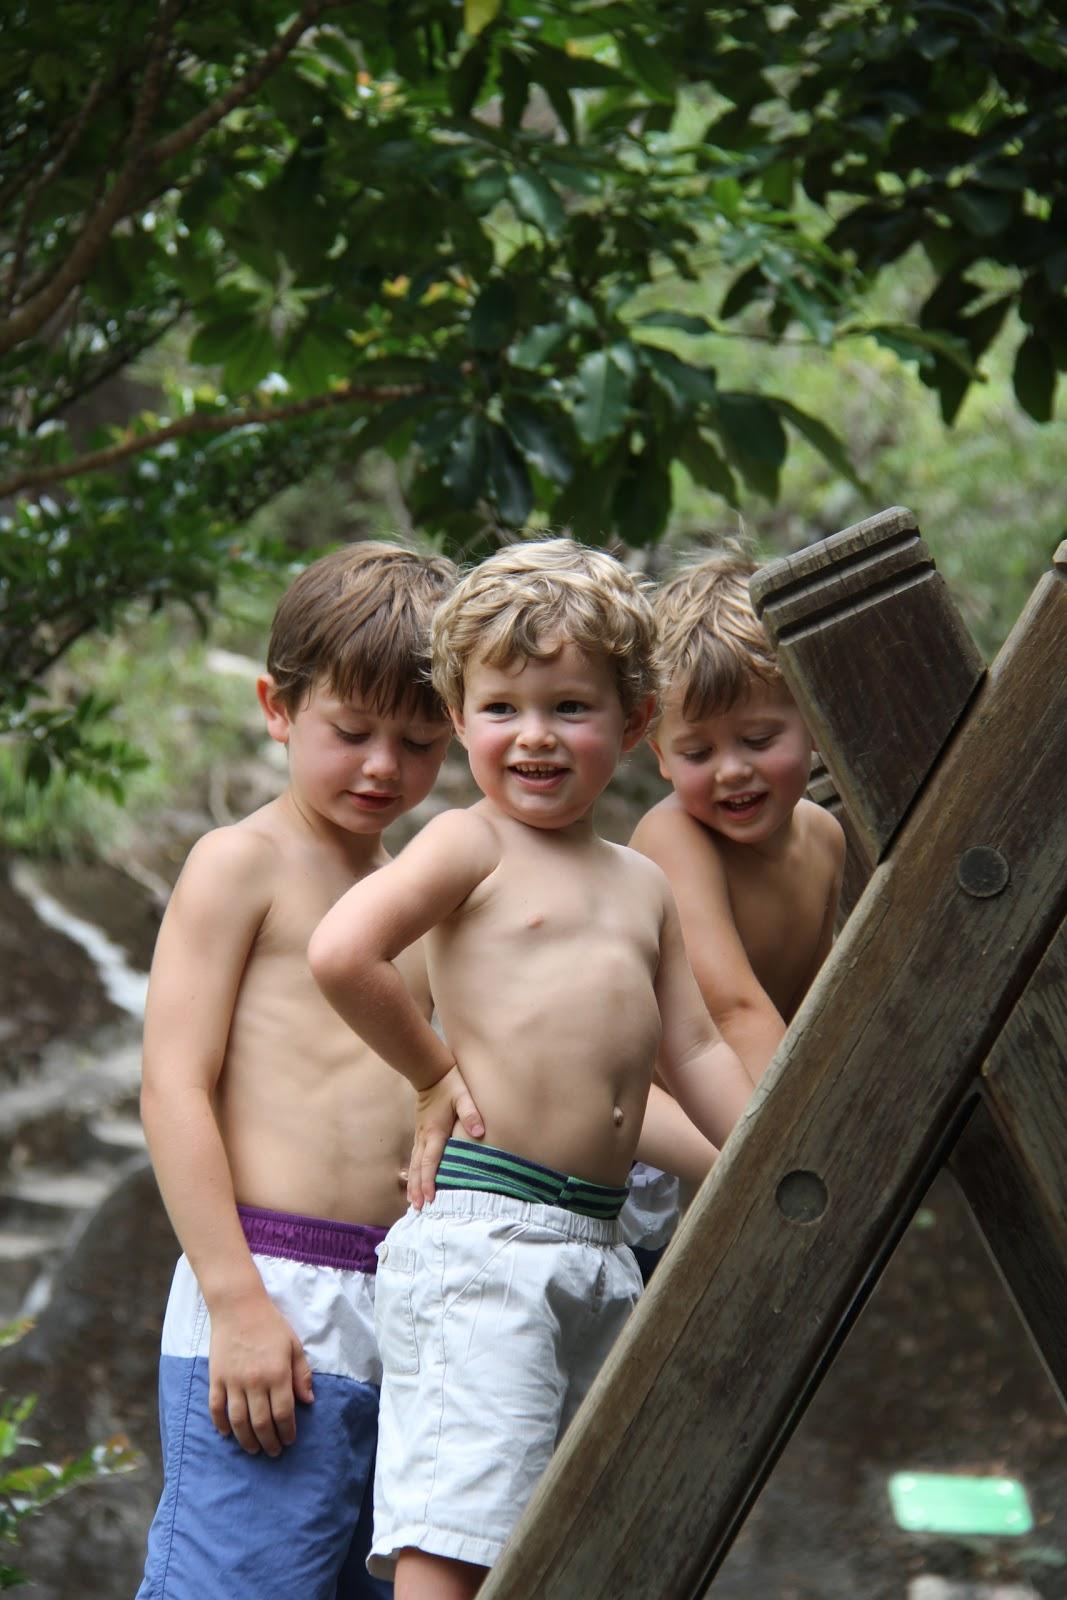 Boys links Nude Photos 61